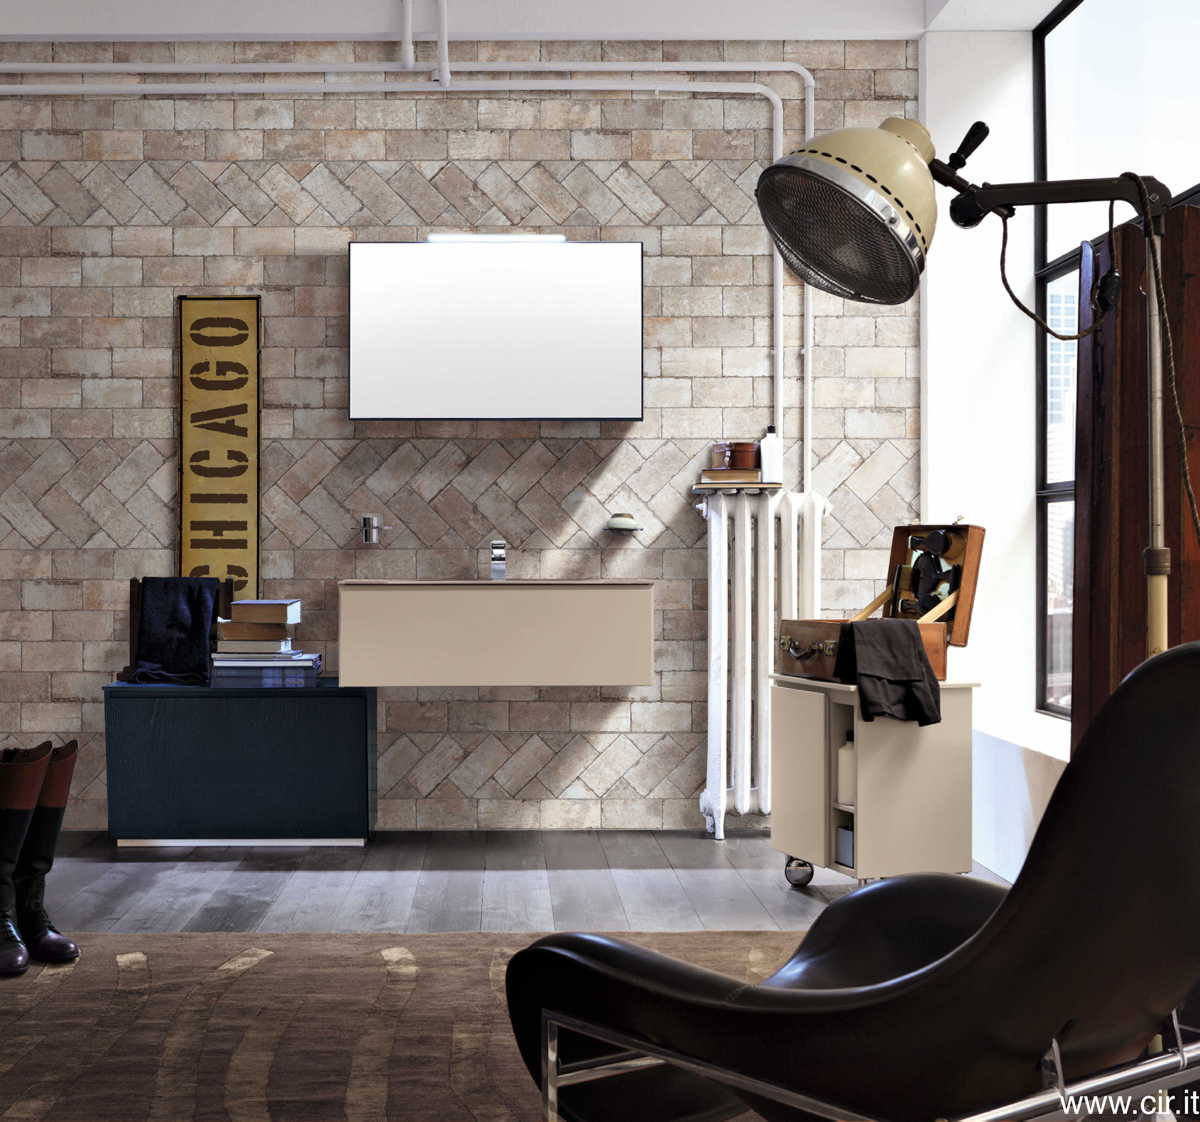 Ceramica cir chicago garden house for Studio41 home design showroom southside chicago